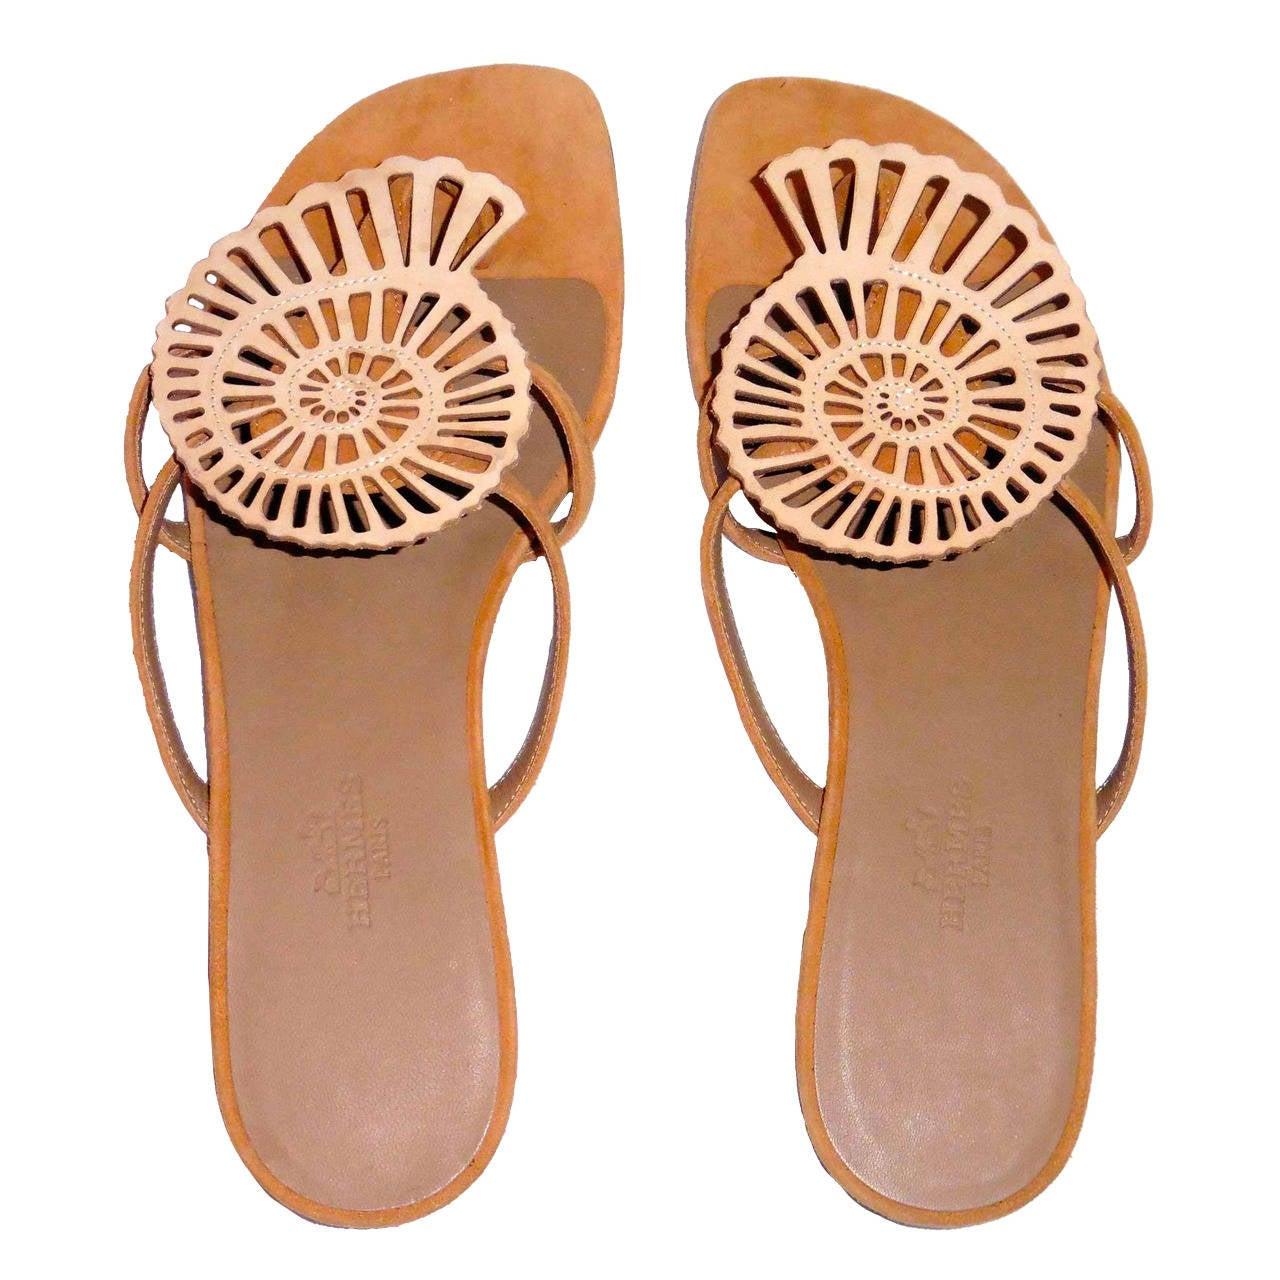 New HERMES  Sandals/Shoes - Beige Tan - Size 37  Nautilus 1